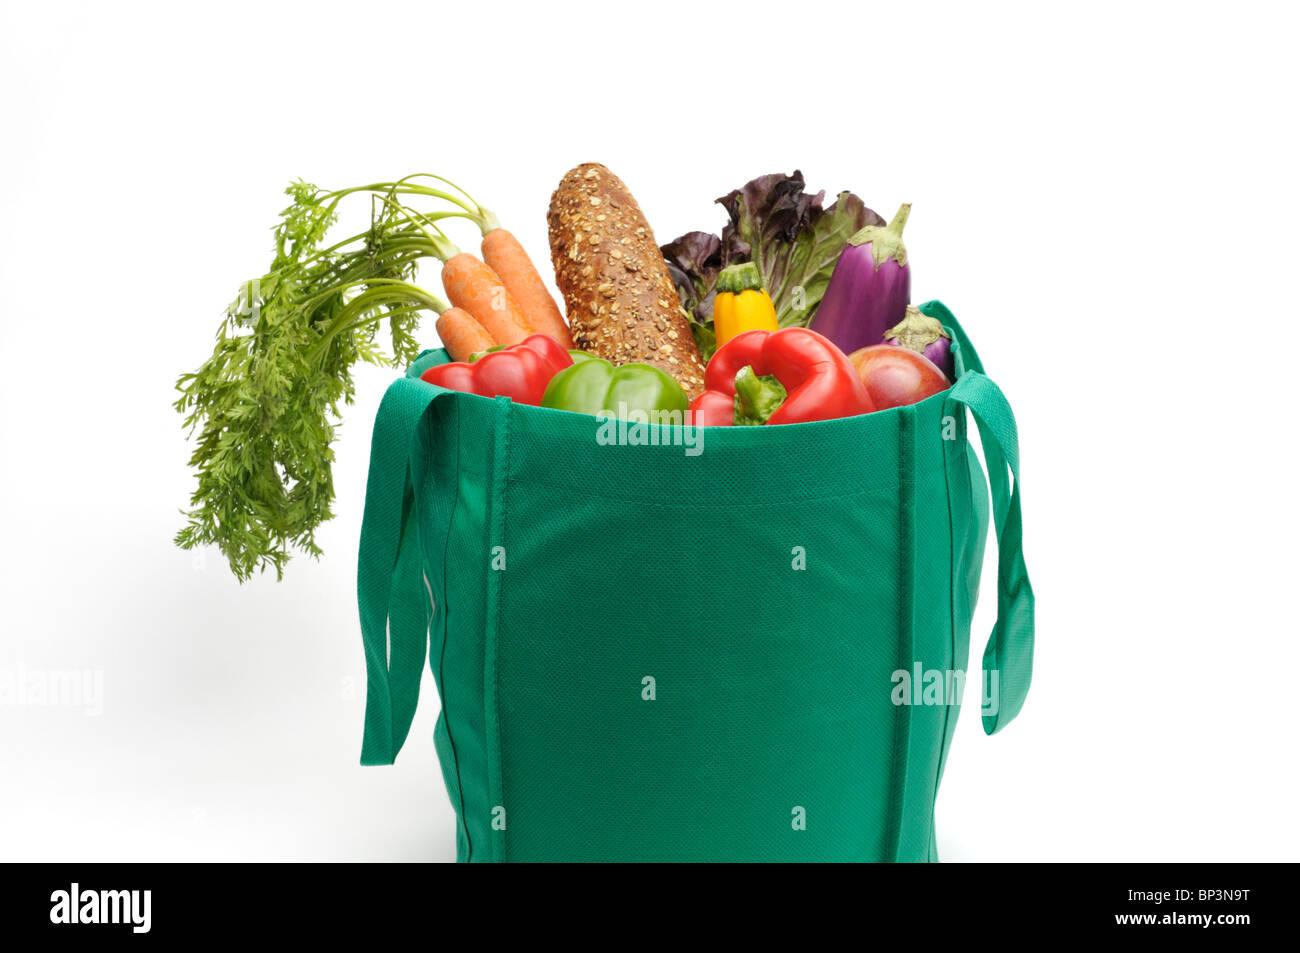 Umweltfreundliche wiederverwendbare Tasche mit frischem Obst und Gemüse. Stockbild